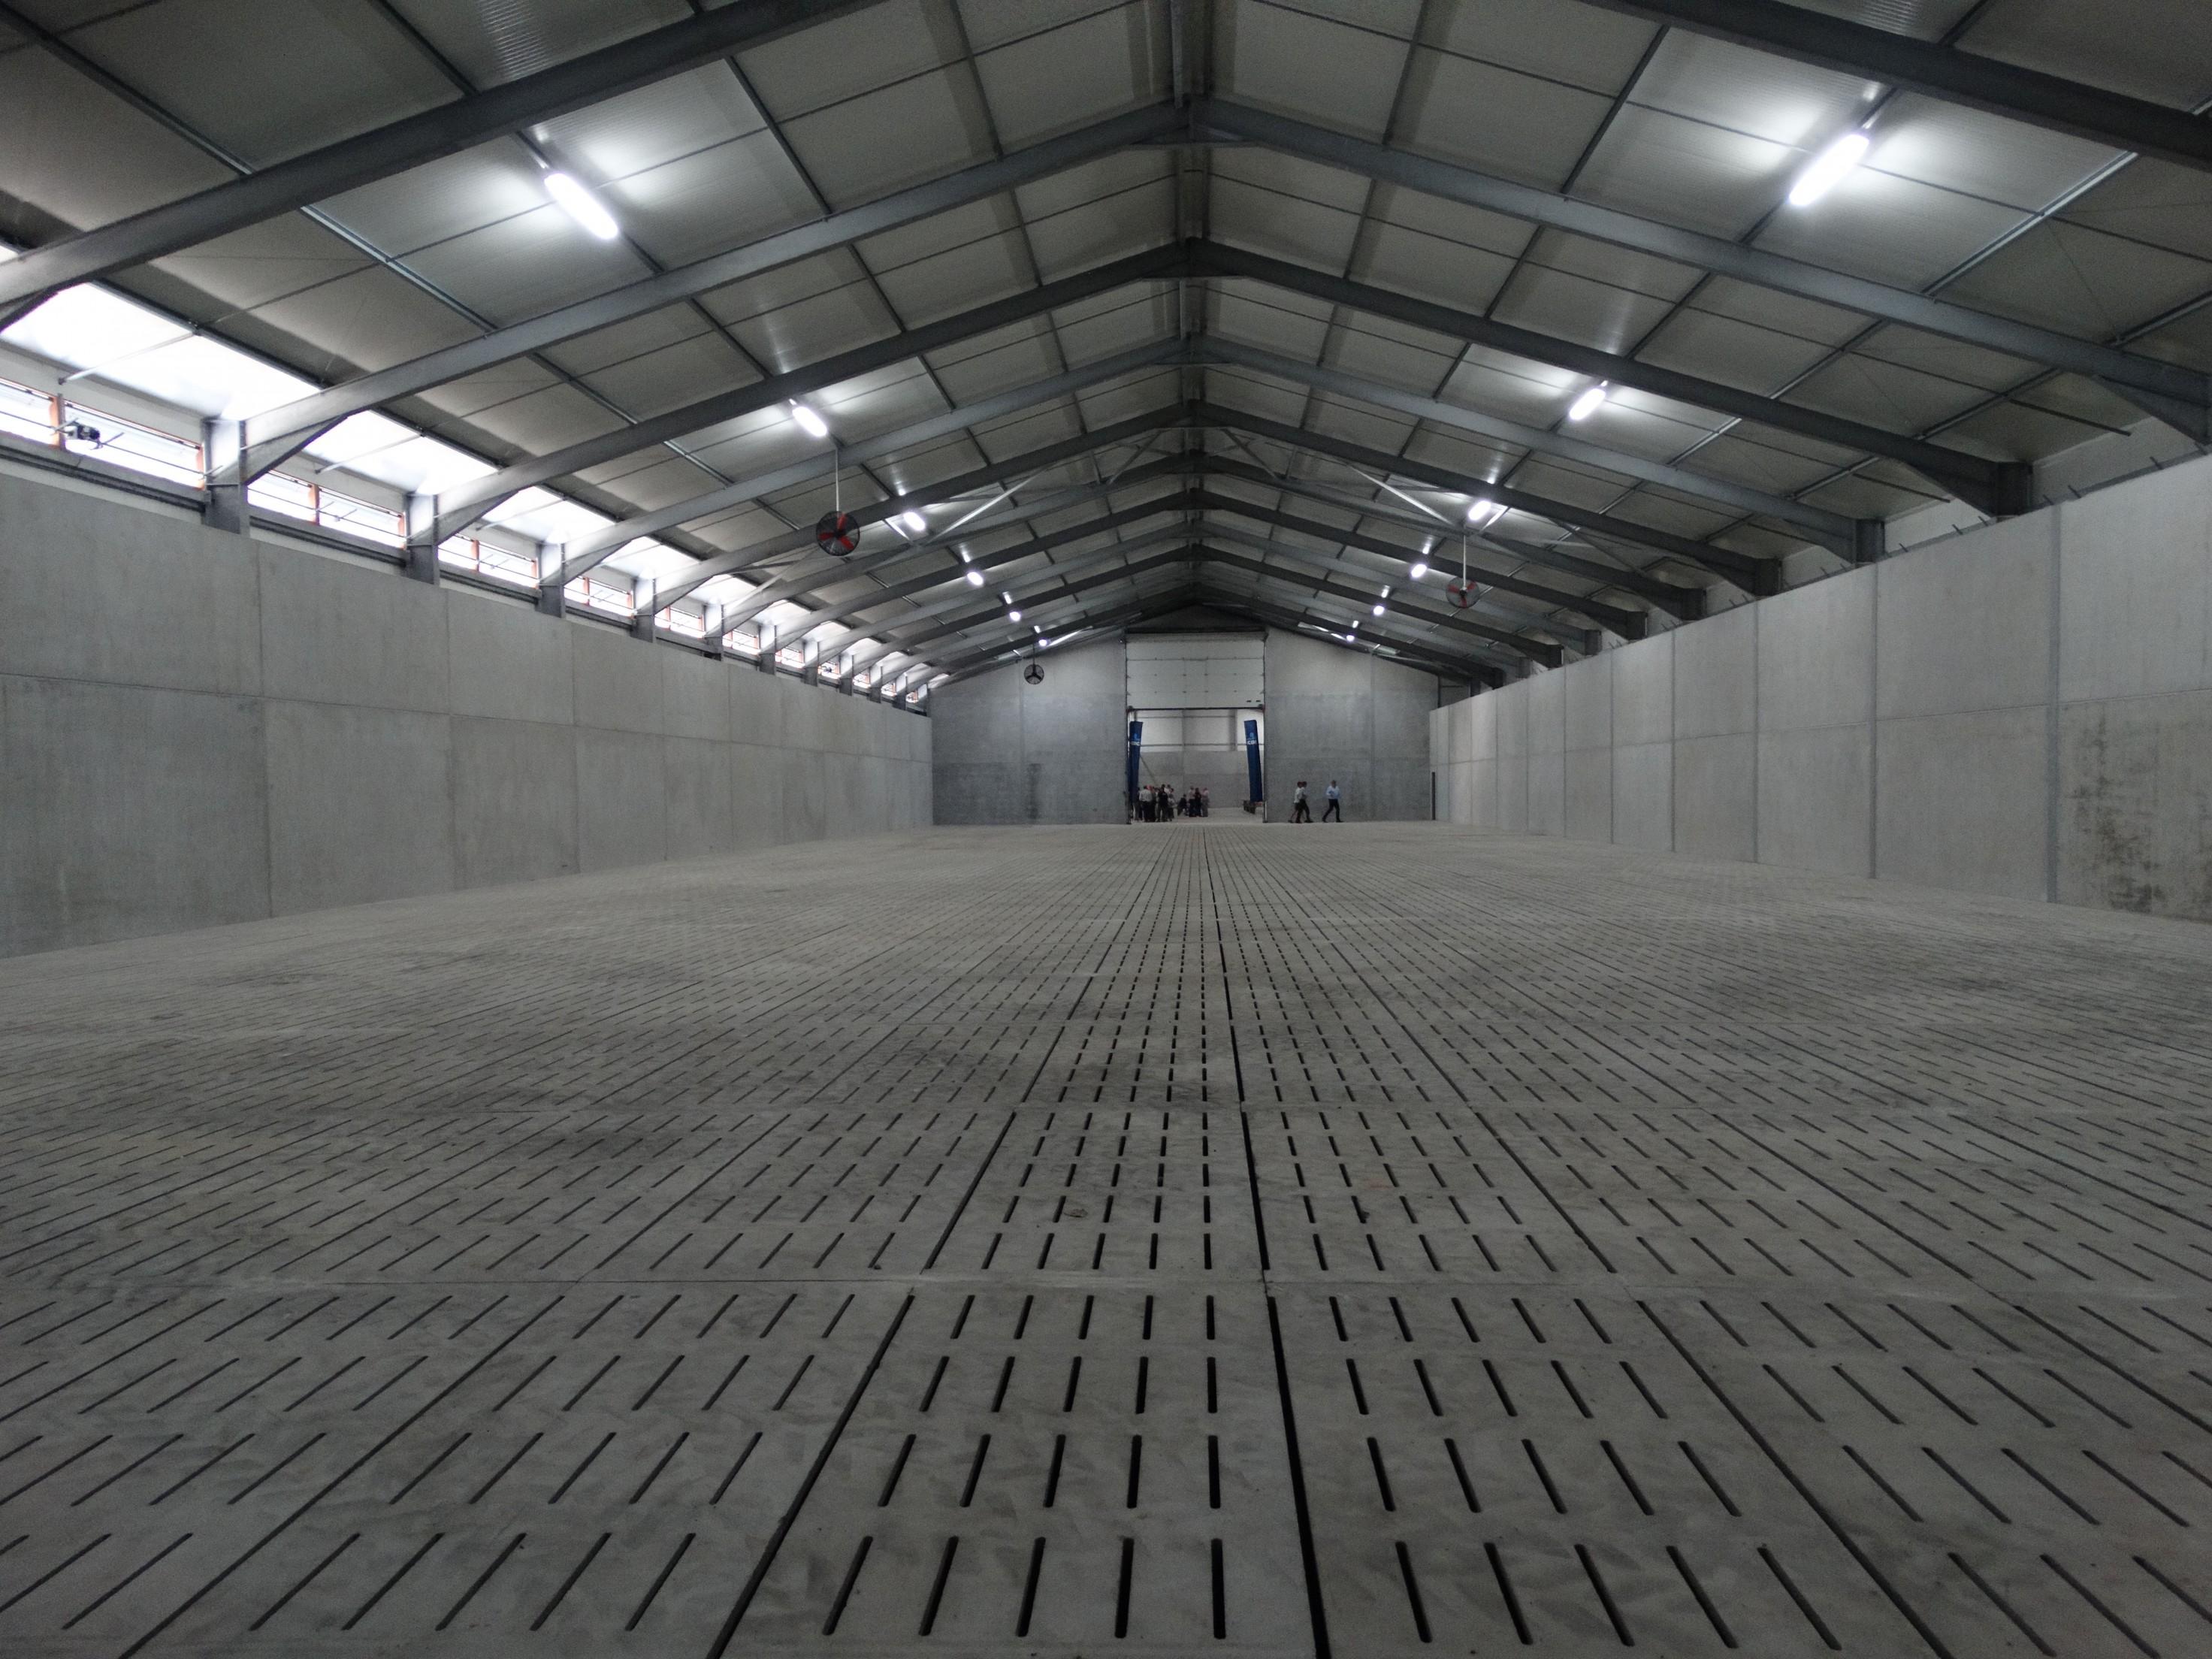 lefevre-Rosseignies-aardappelloods_hangar stockage pommes de terre (66)